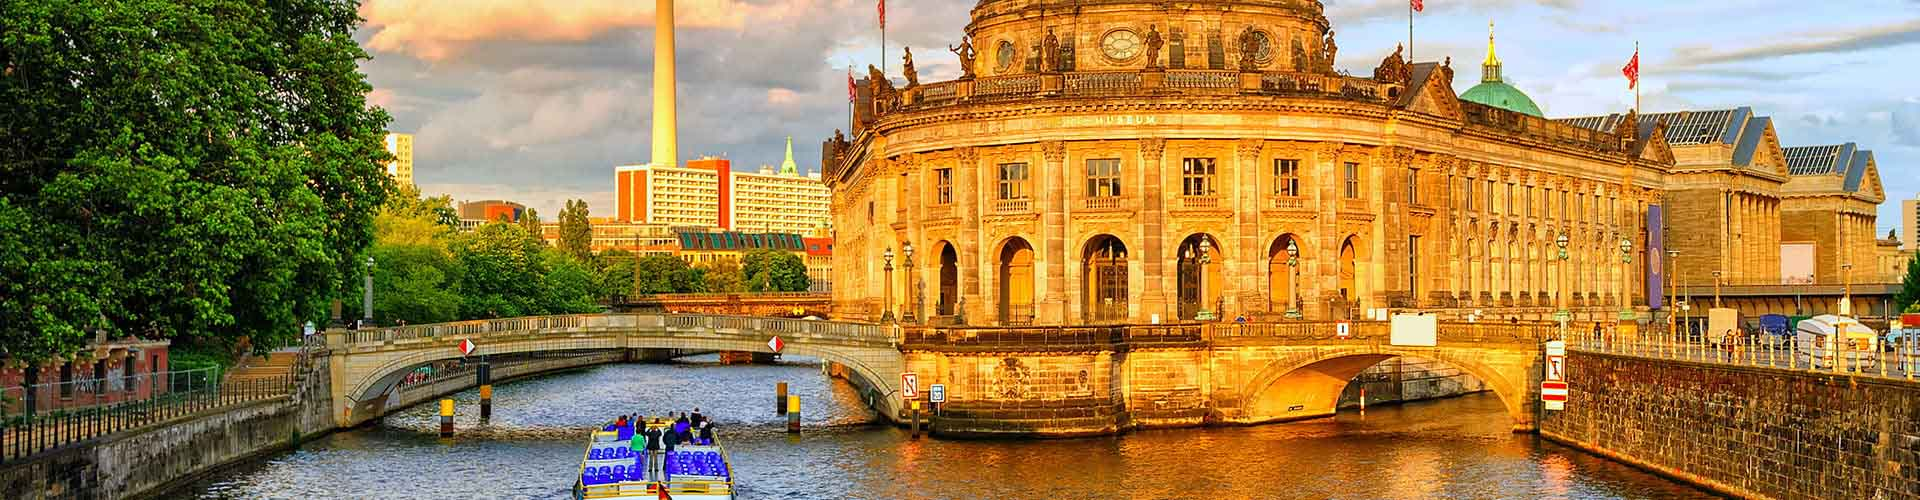 Berlín - Hoteles baratos en el distrito Bezirk Lichtenberg. Mapas de Berlín, Fotos y comentarios de cada Hotel barato en Berlín.